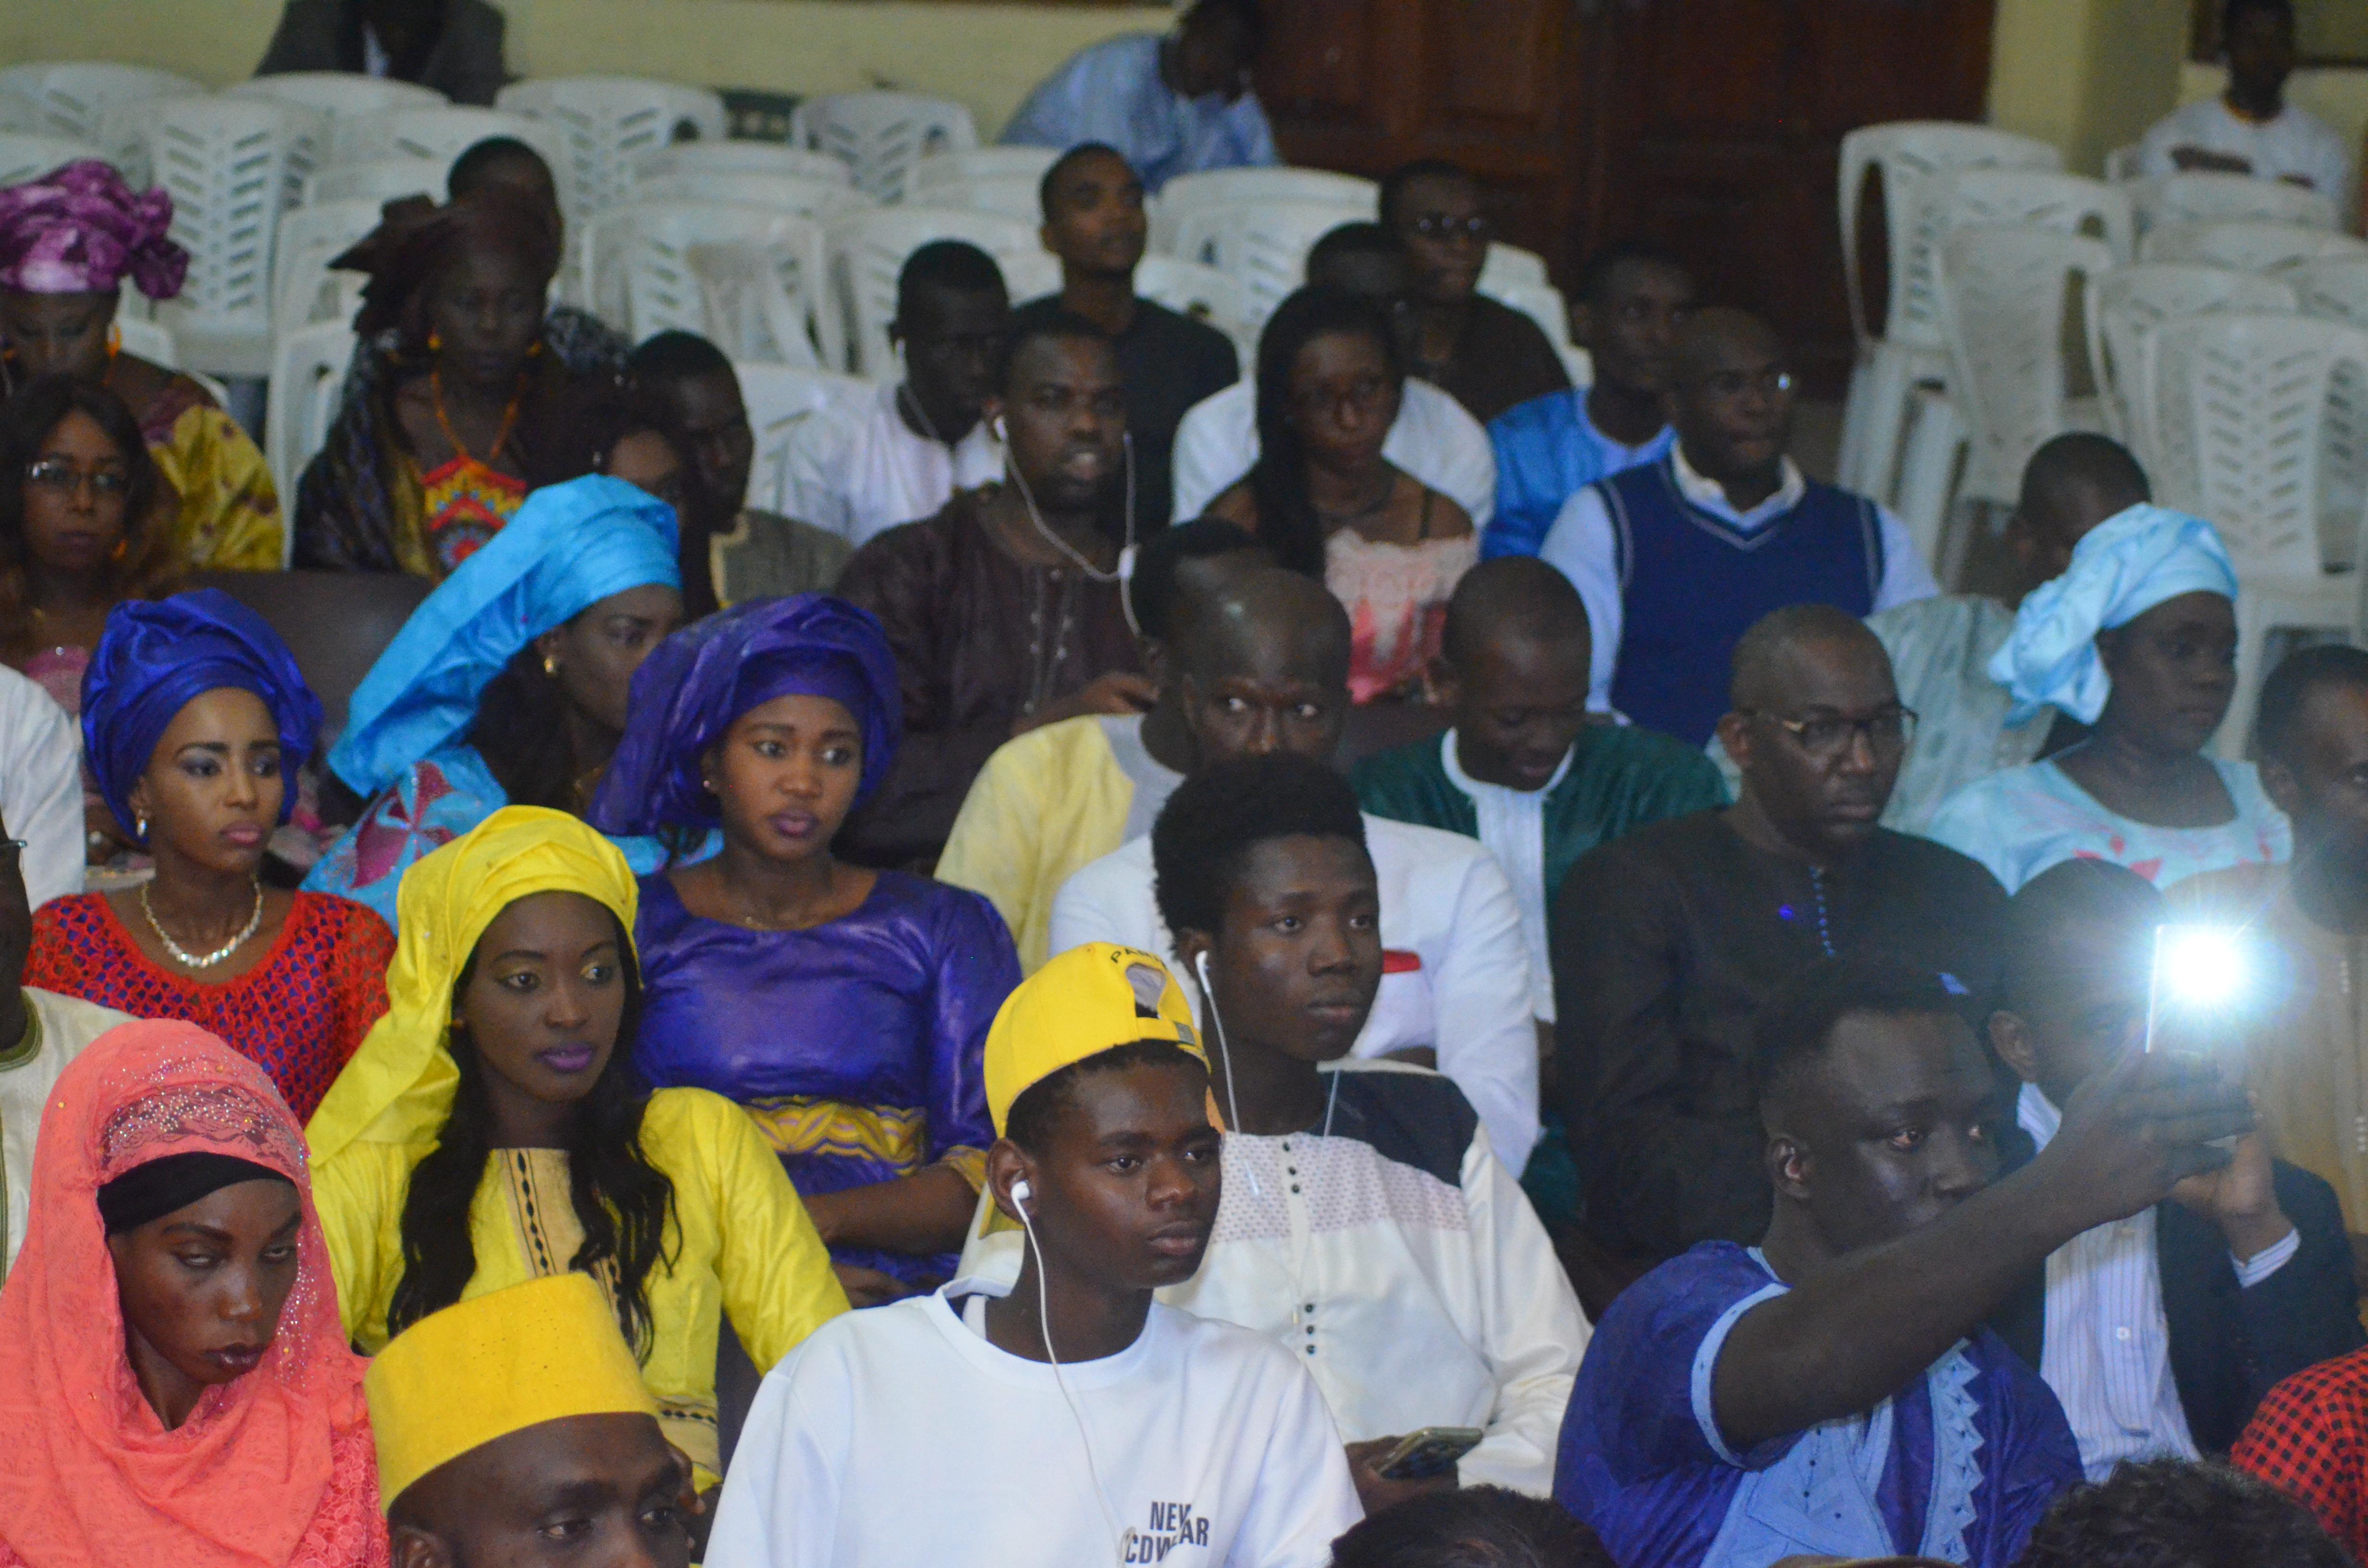 Première Edition soirée culturelle de l'Association Boyinadji Ma fierté de Bokidiawé, le parrain Bocar Abdoulaye Ly appelle à l'union des cœurs (26)